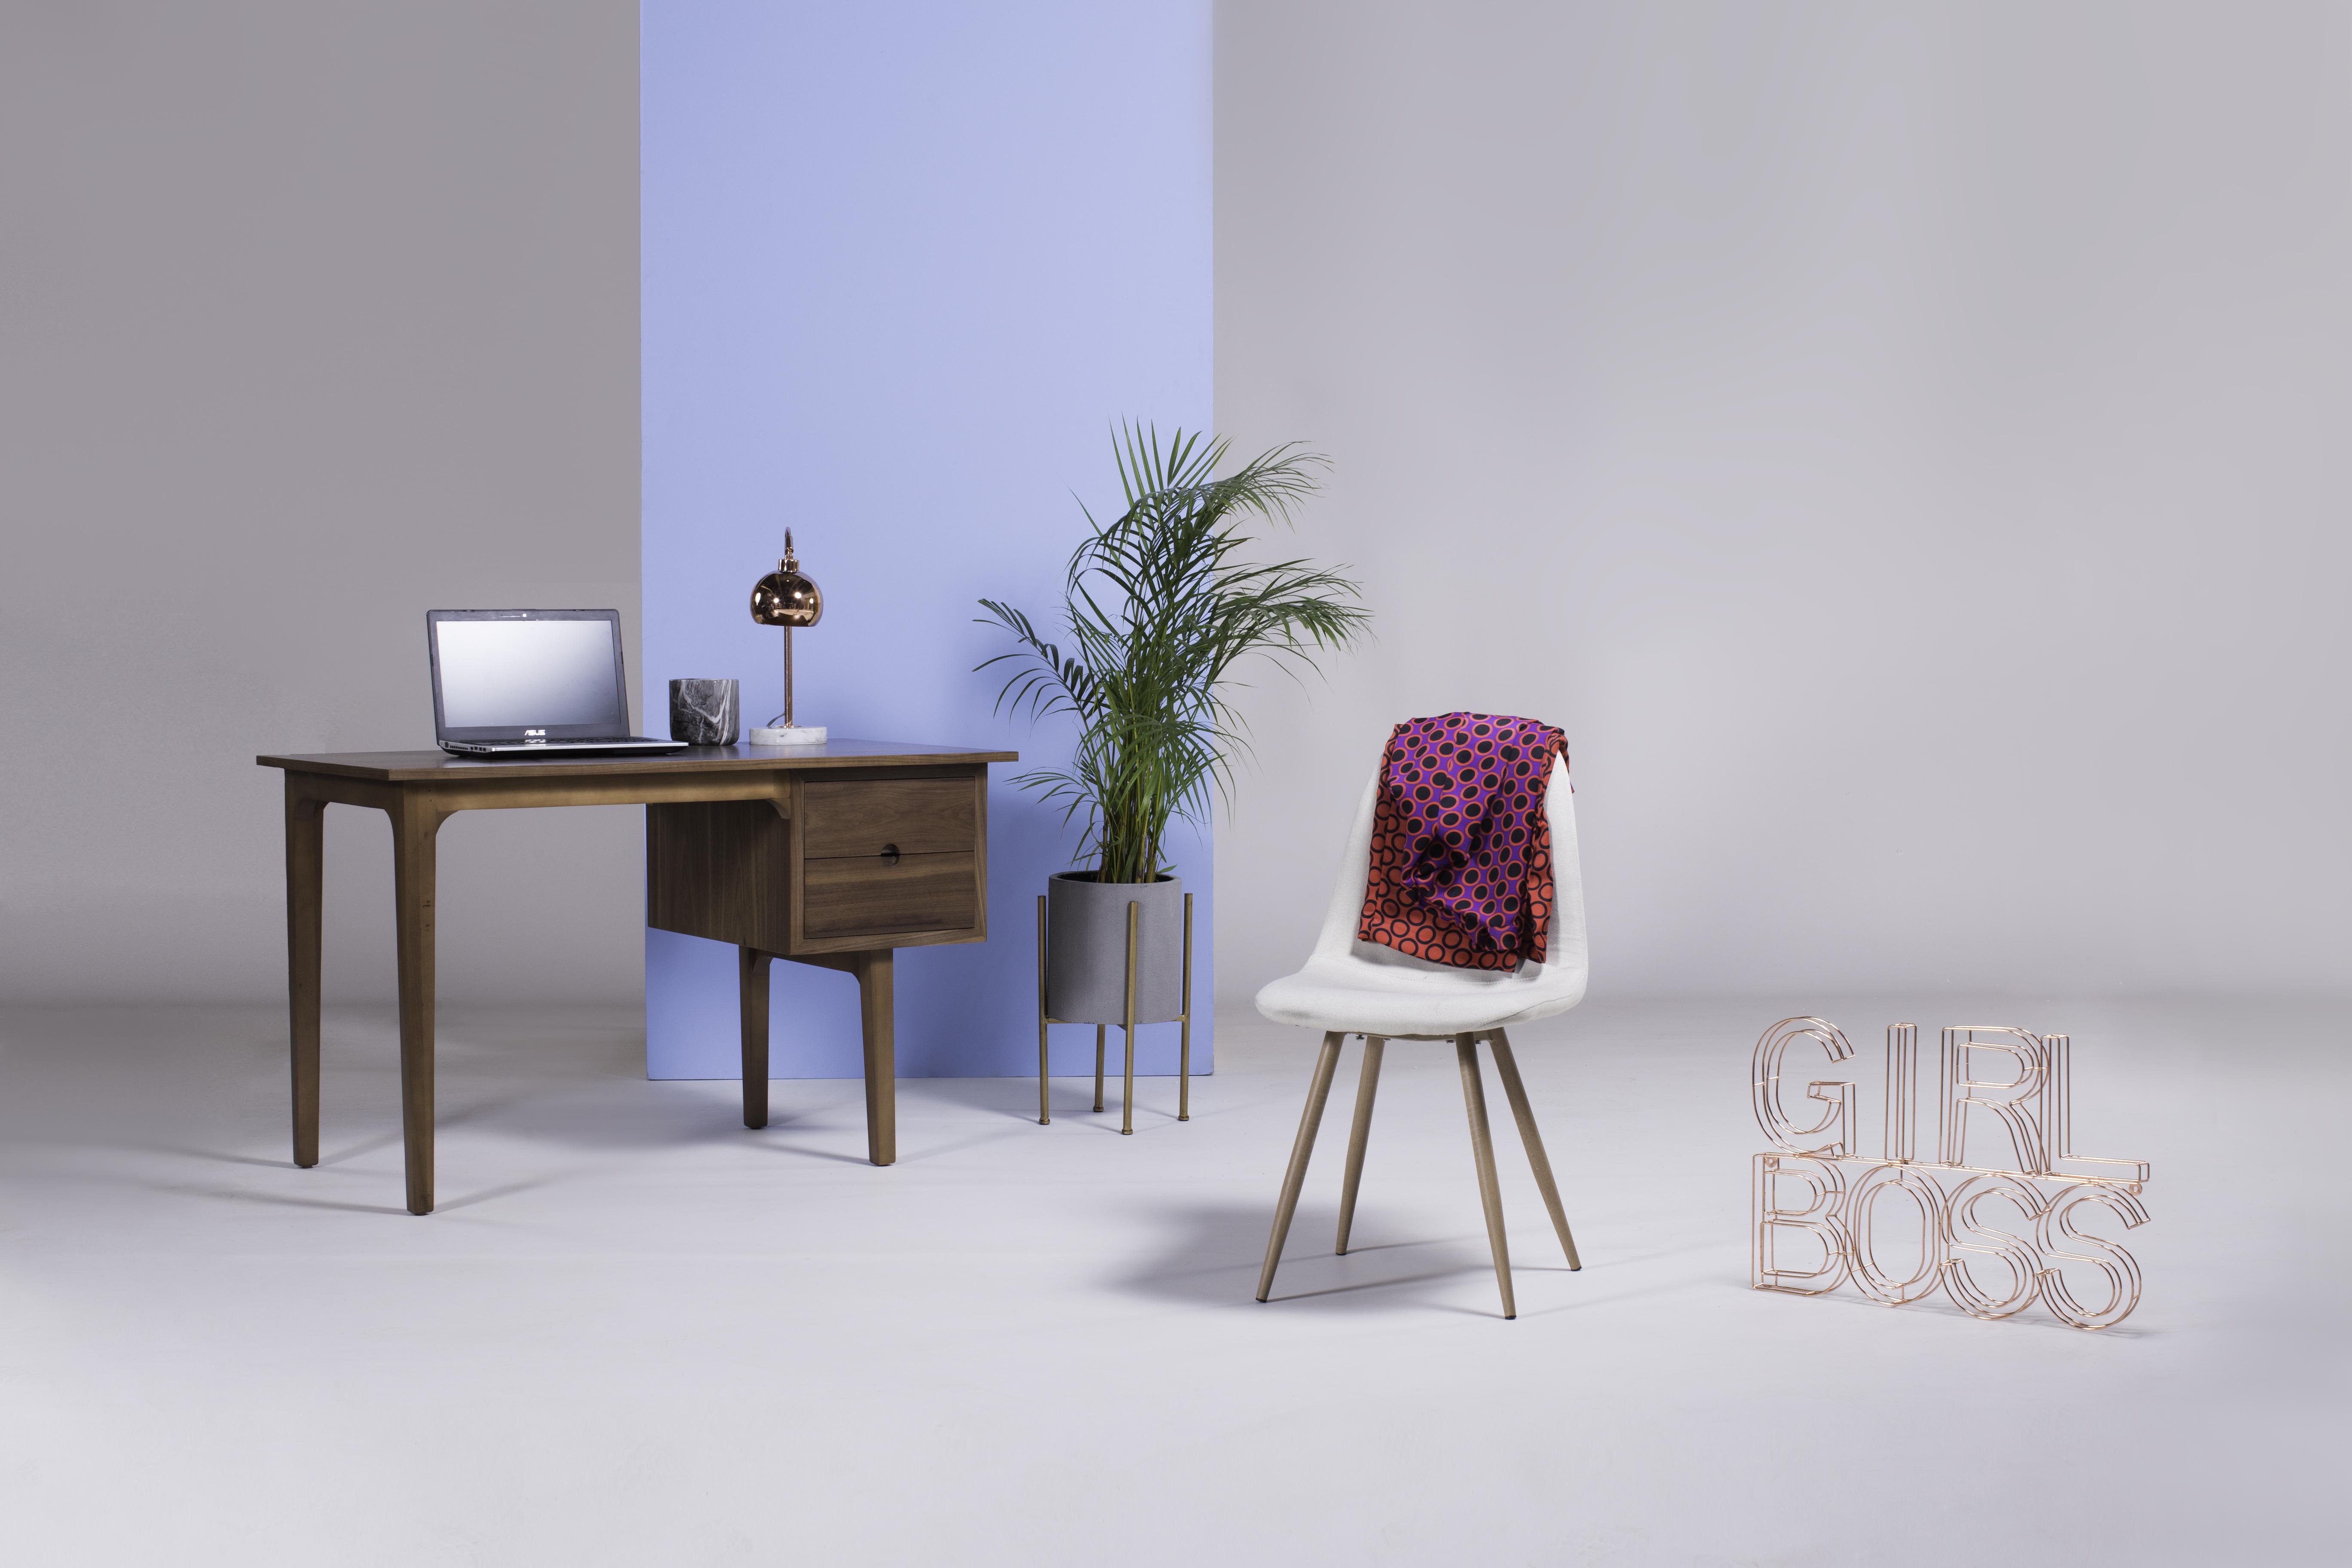 como-armar-un-home-office-moblum-escritorio-completo